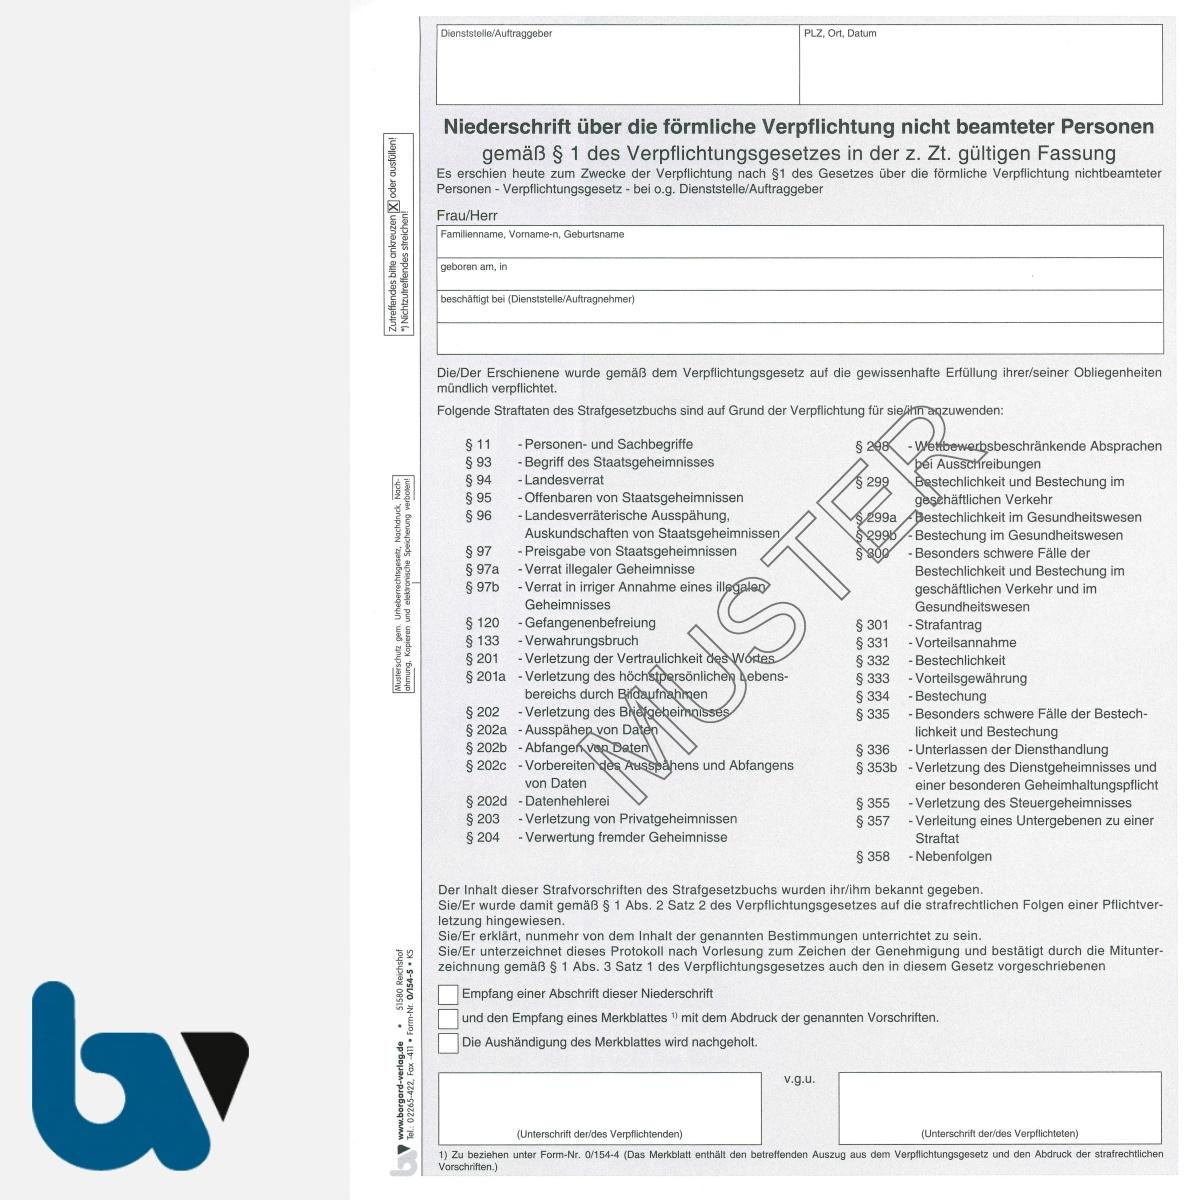 0/154-5 Niederschrift förmliche Verpflichtung Beschäftigte öffentlich Dienst Verpflichtungsgesetz Strafgesetzbuch selbstdurchschreibend 2-fach DIN A4 VS | Borgard Verlag GmbH